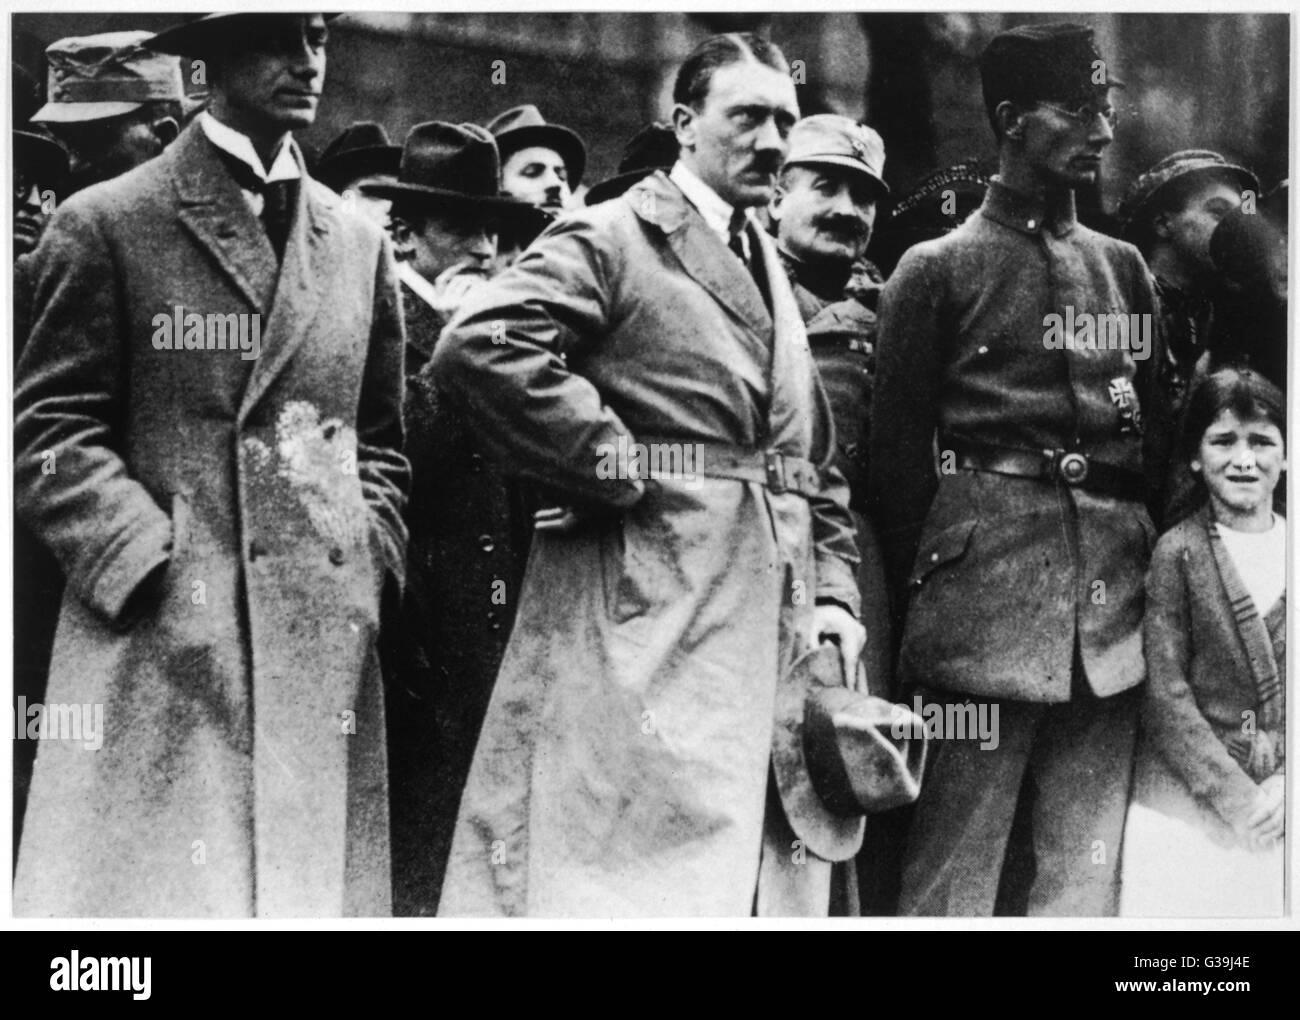 ADOLF HITLER Hitler with Alfred Rosenberg  (left) in 1923        Date: 1923 - Stock Image